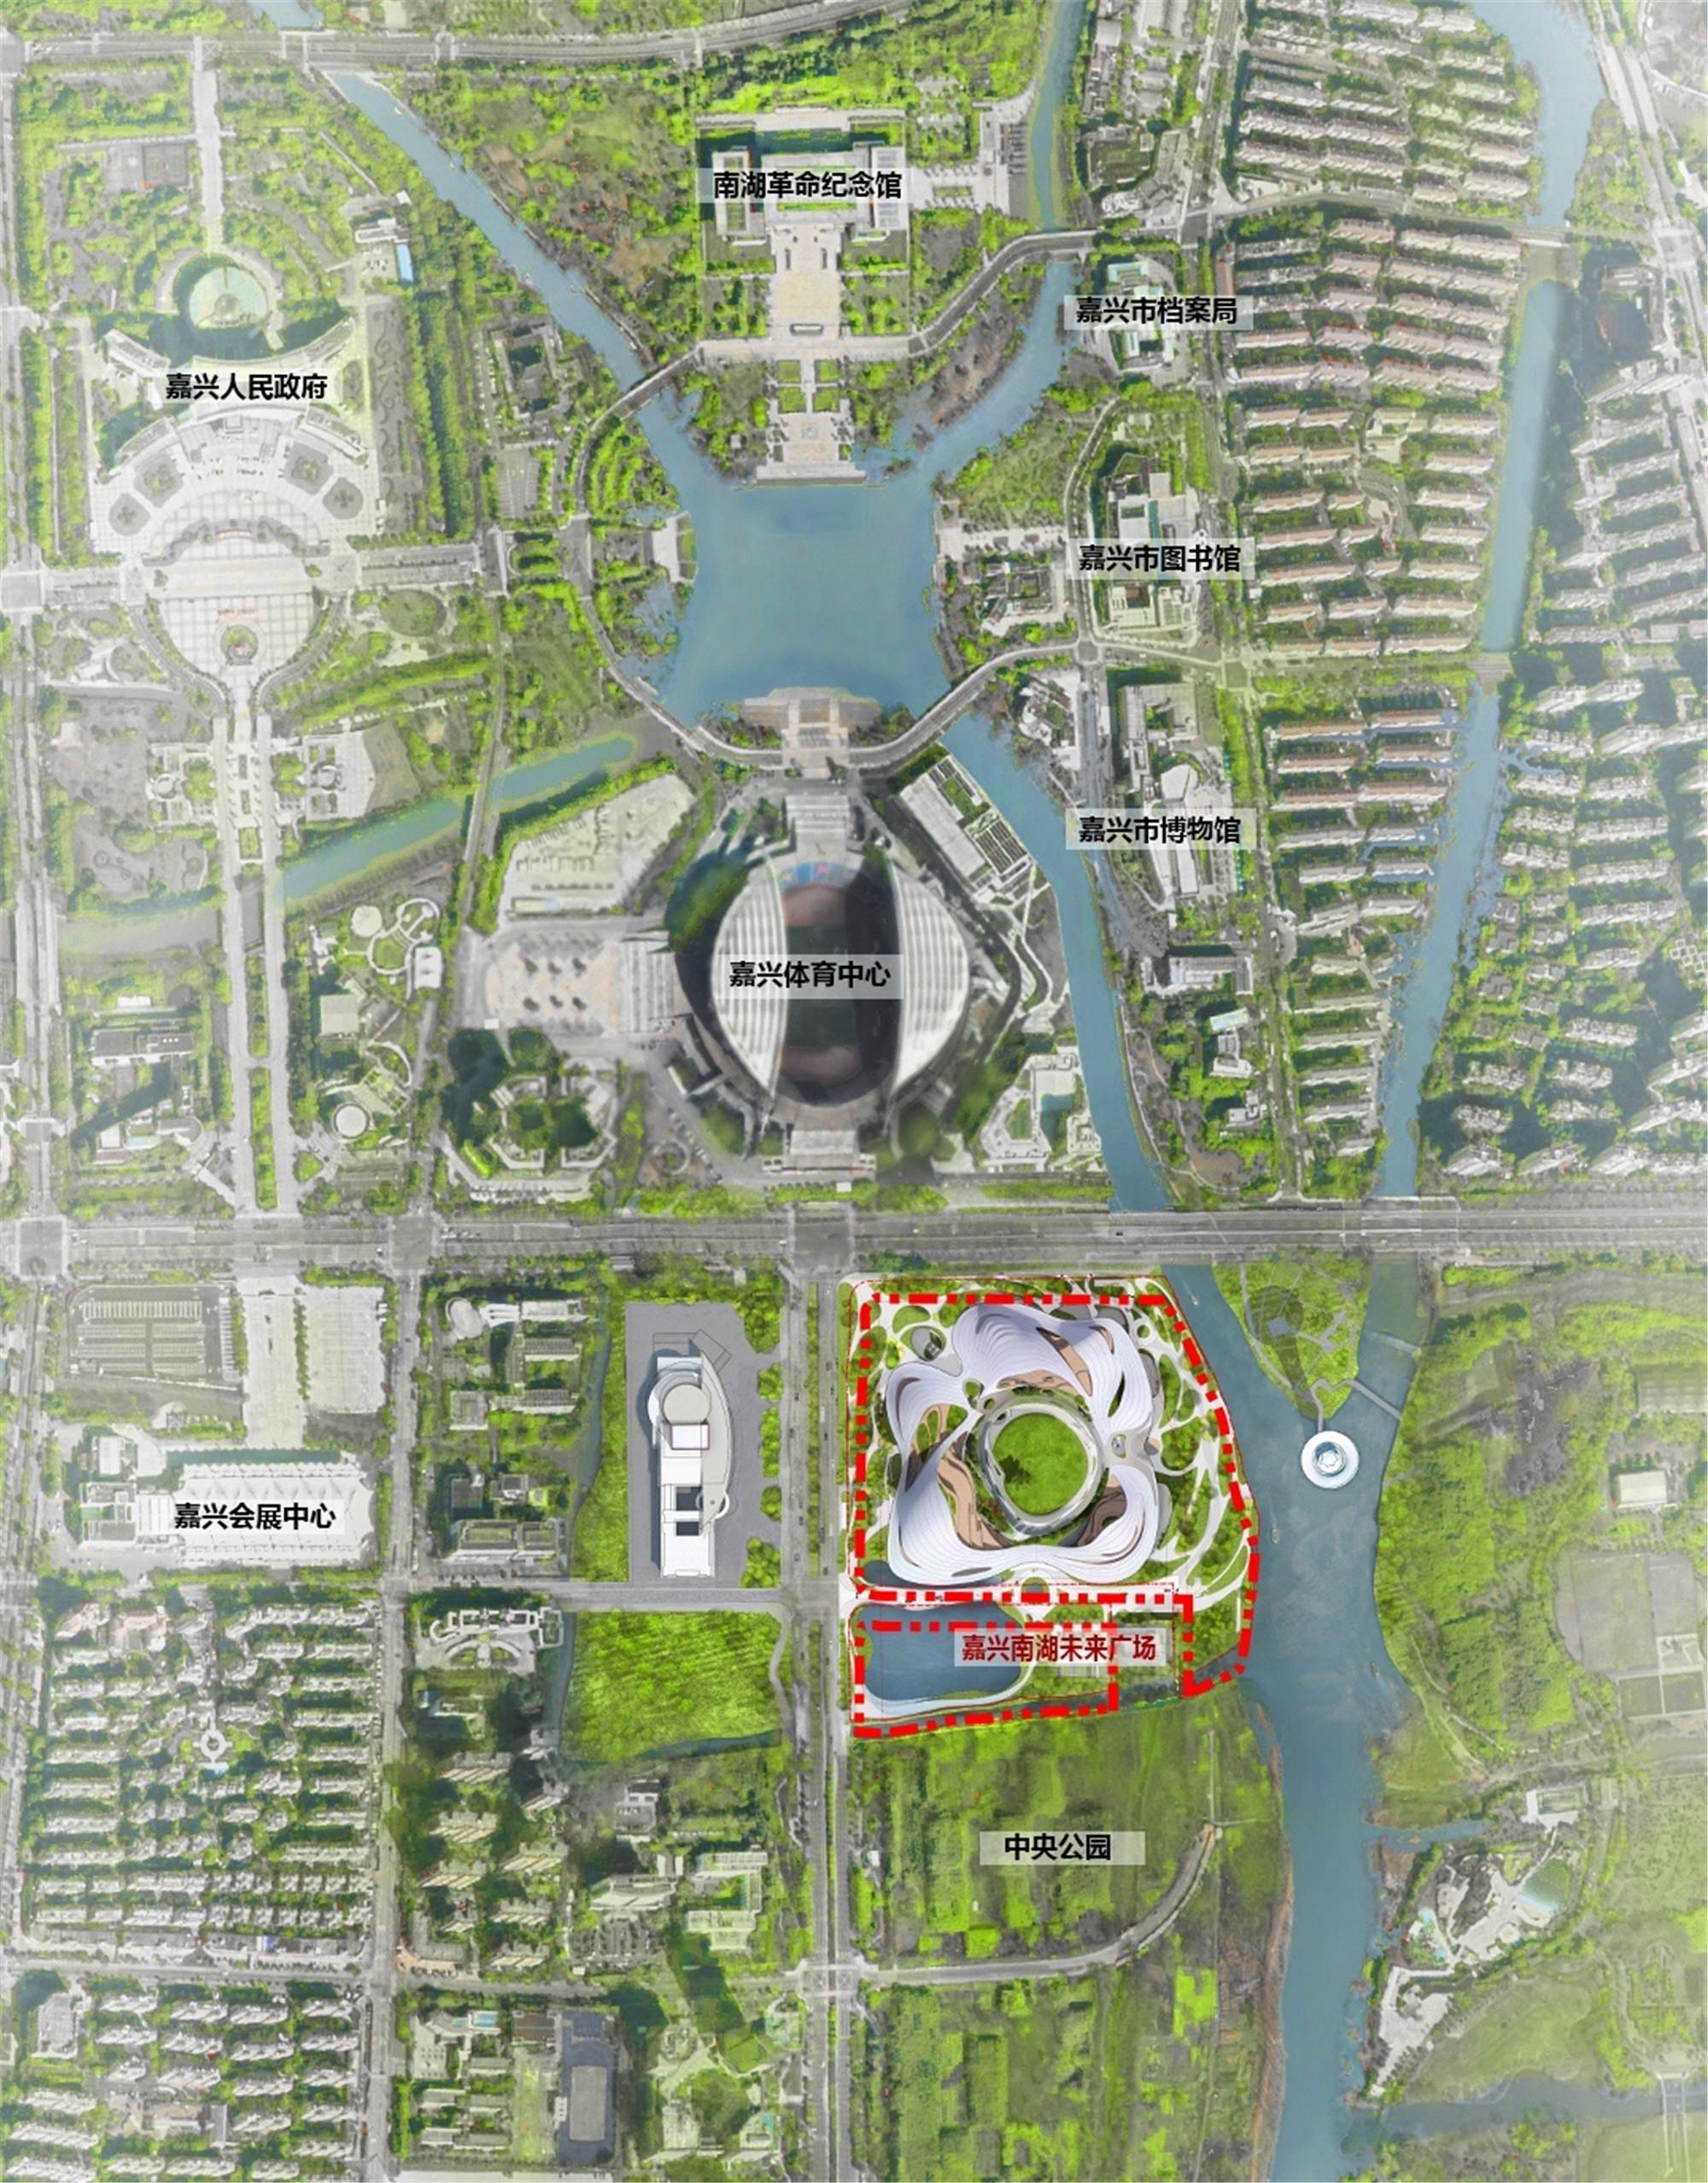 16_Jiaxing Nanhu Future Plaza_Regional Plan